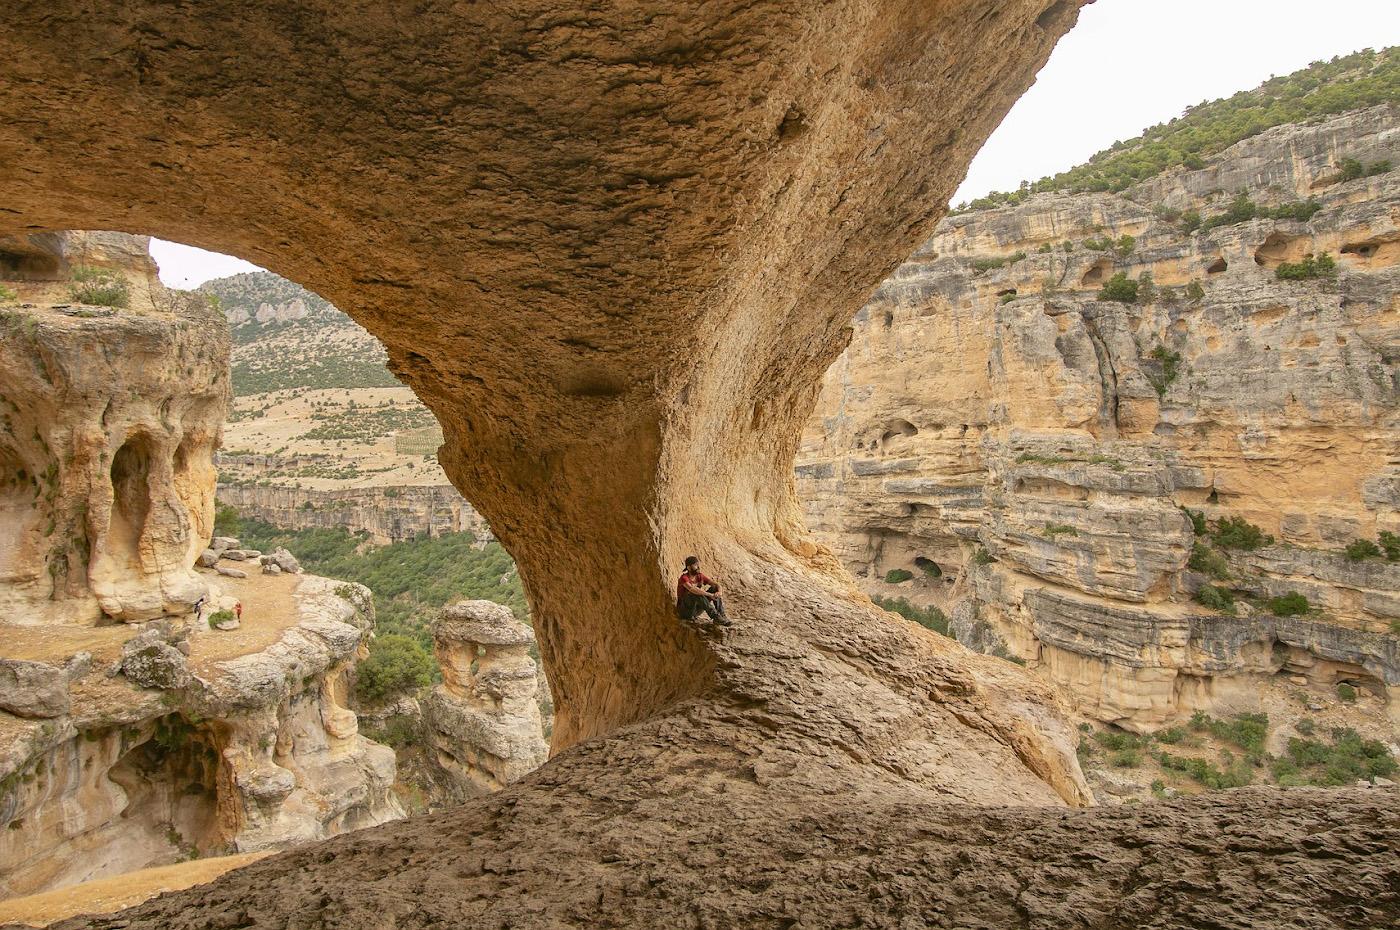 1. Самая впечатляющая смотровая площадка в каньоне Сасон (Mut Sason Kanyonu) у Арки.